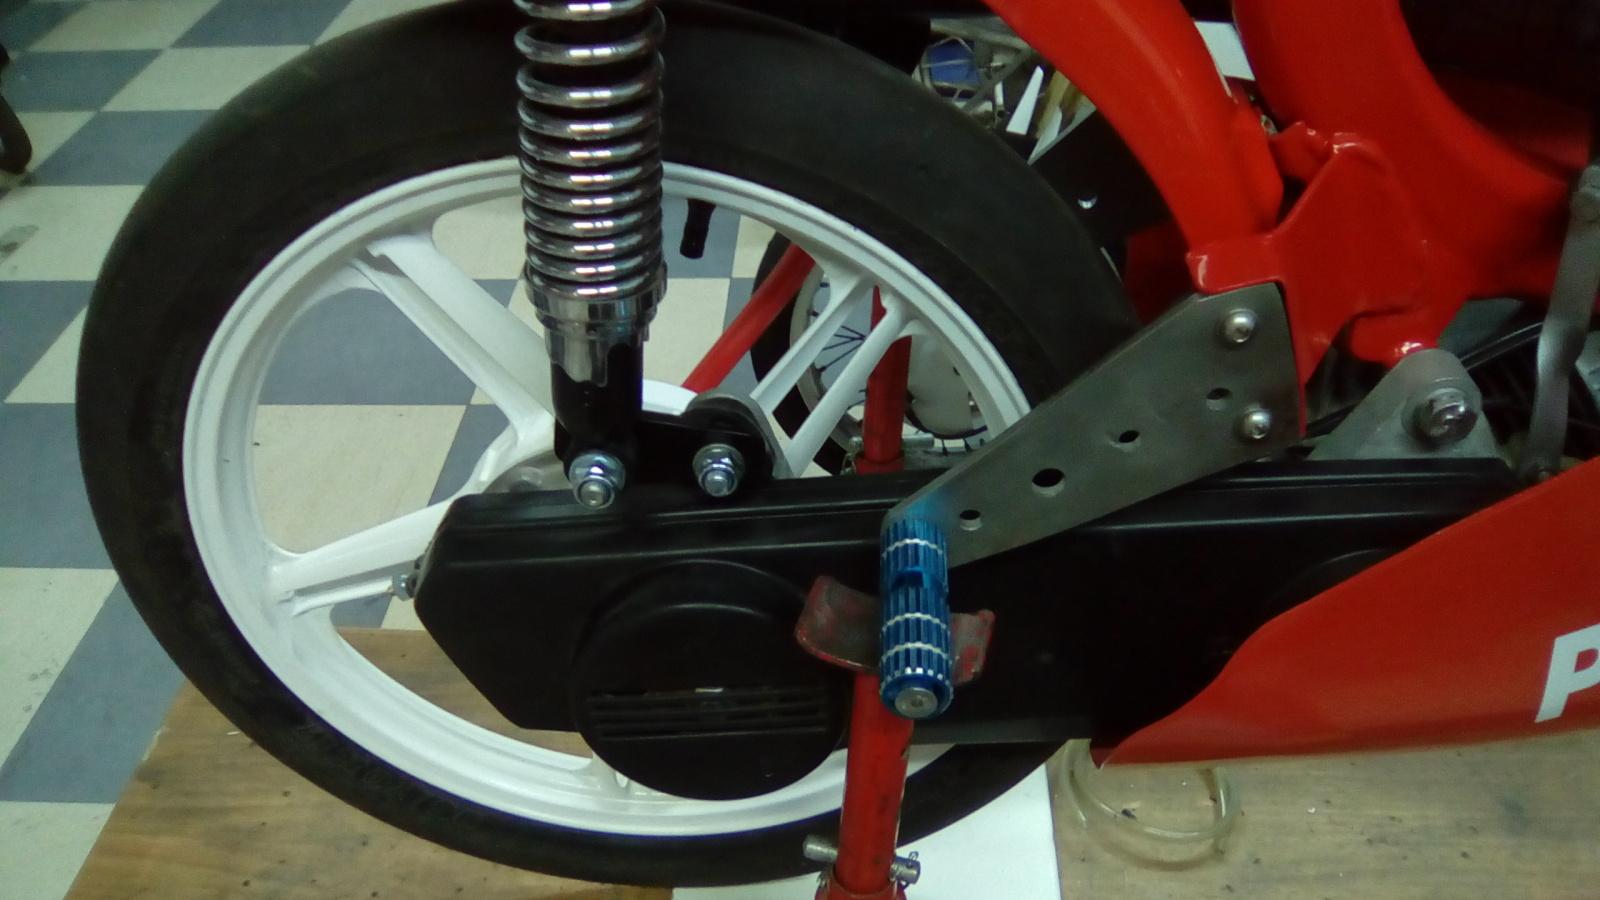 Proyecto Vespino de 65 cc. de Velocidad. - Página 2 28hq649